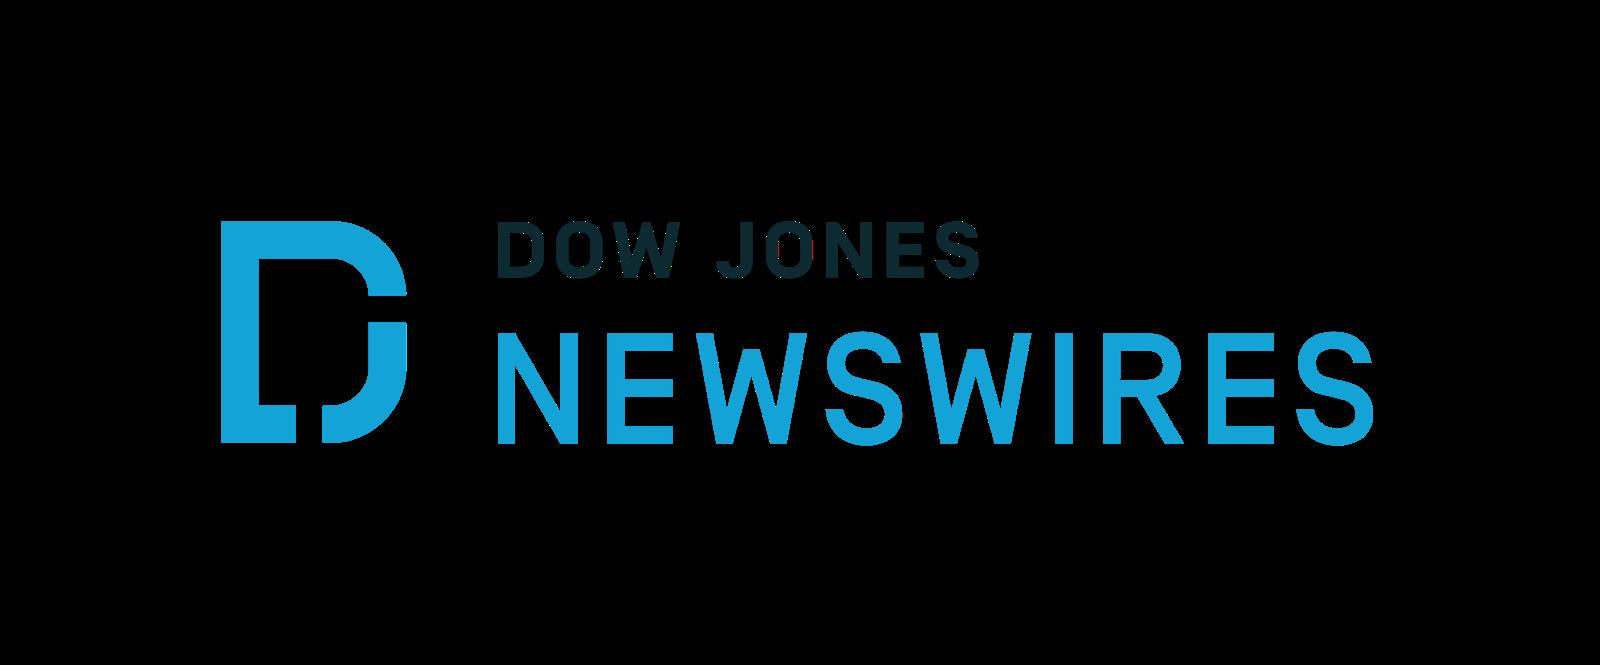 Dow Jones Newswires - Echtzeitnachrichten für die Börse im MT4 & MT5